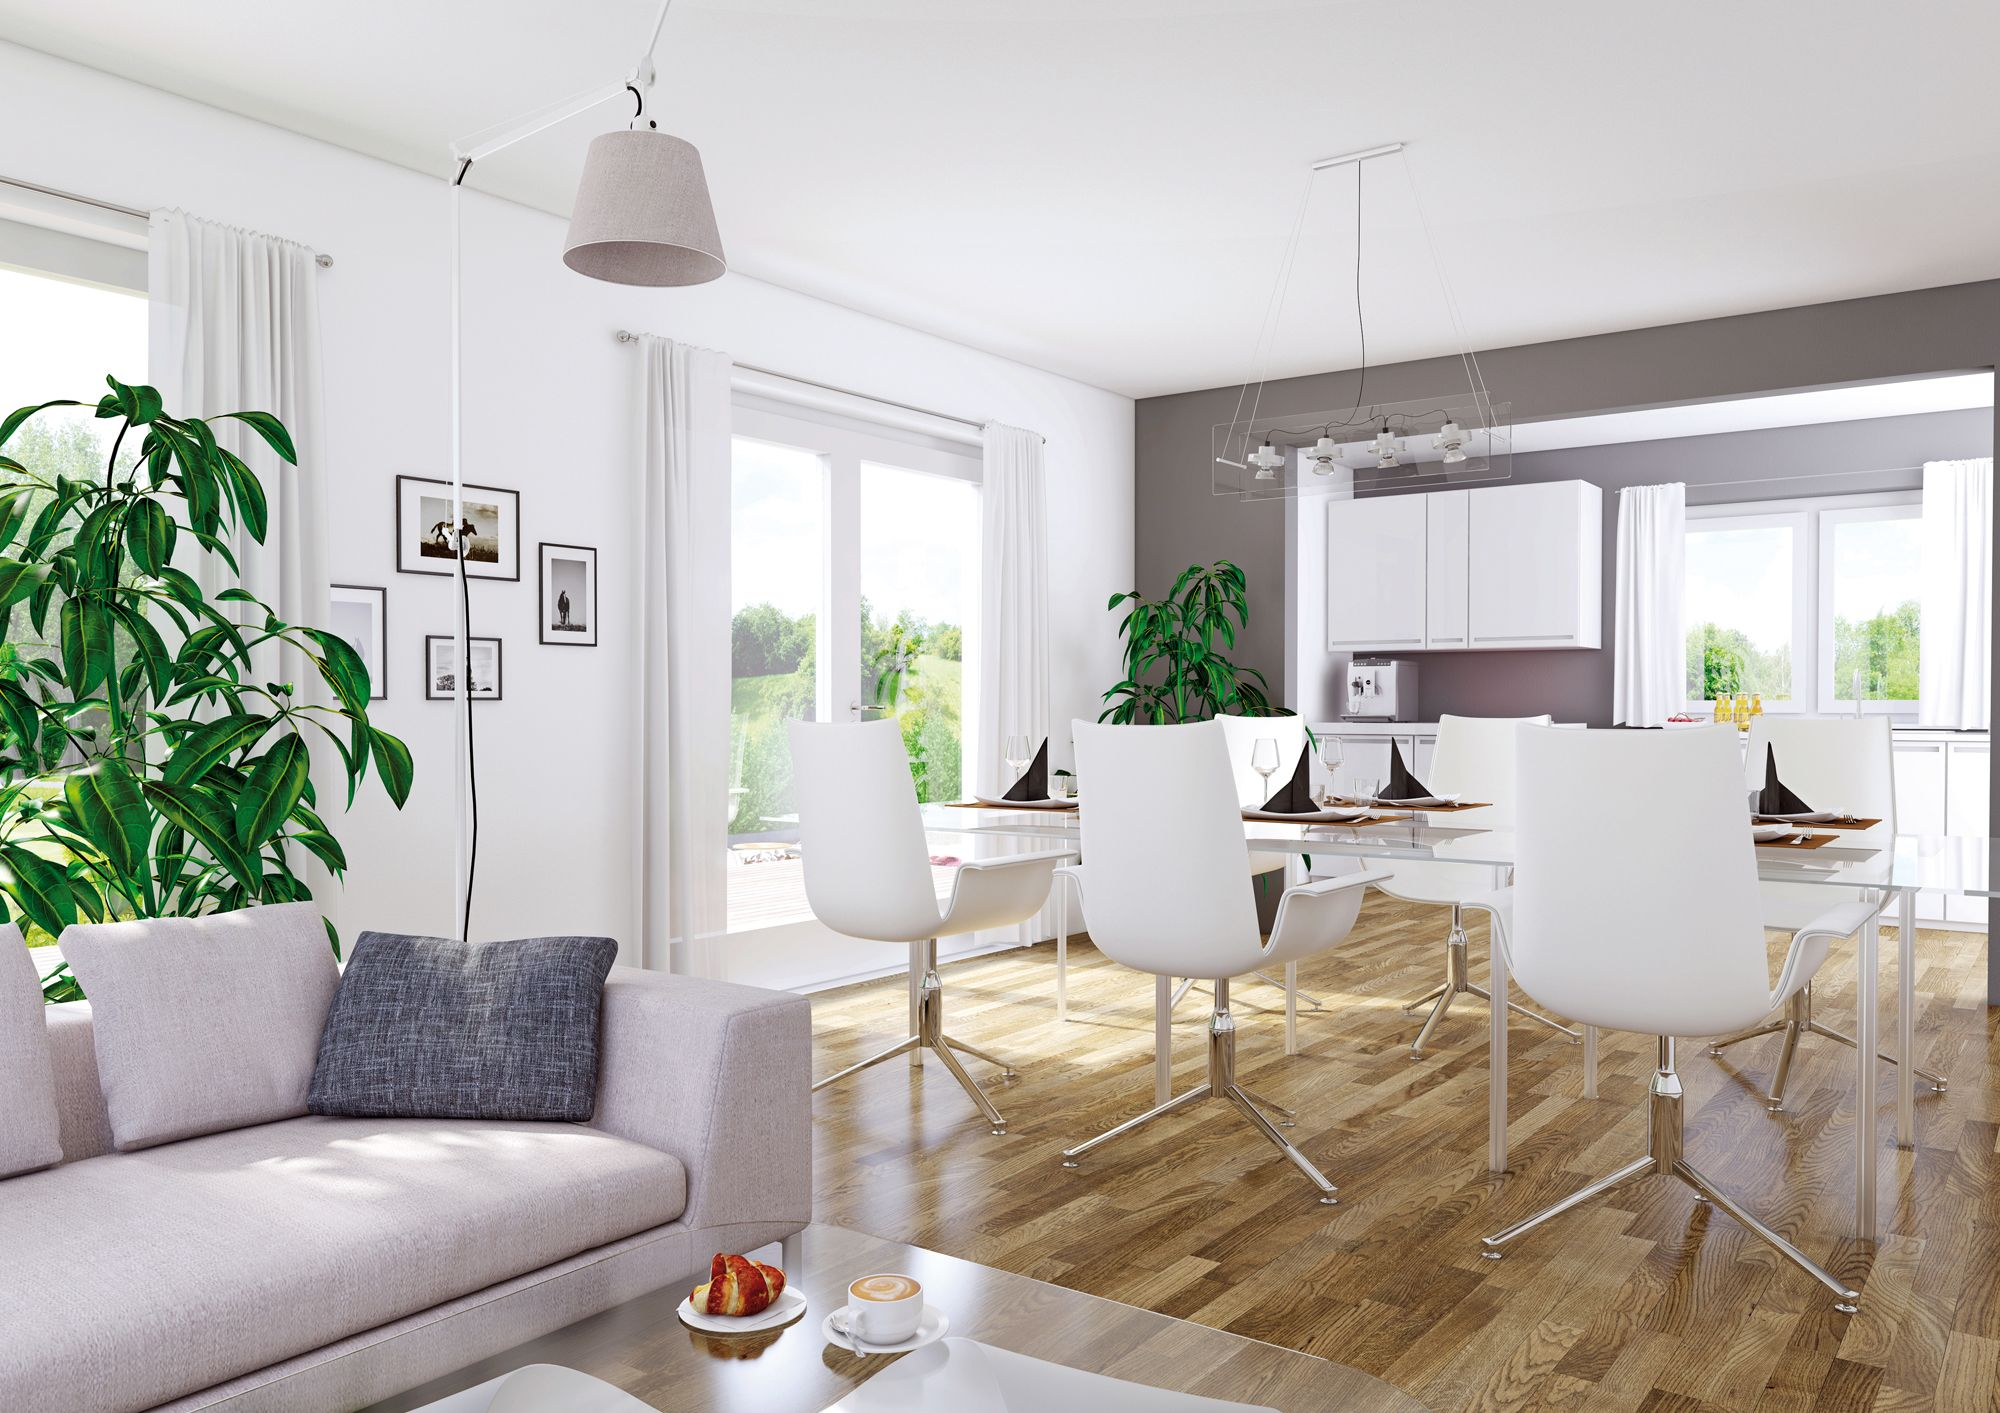 offener und heller wohnbereich im elk living 151 | elk wohnideen, Hause deko